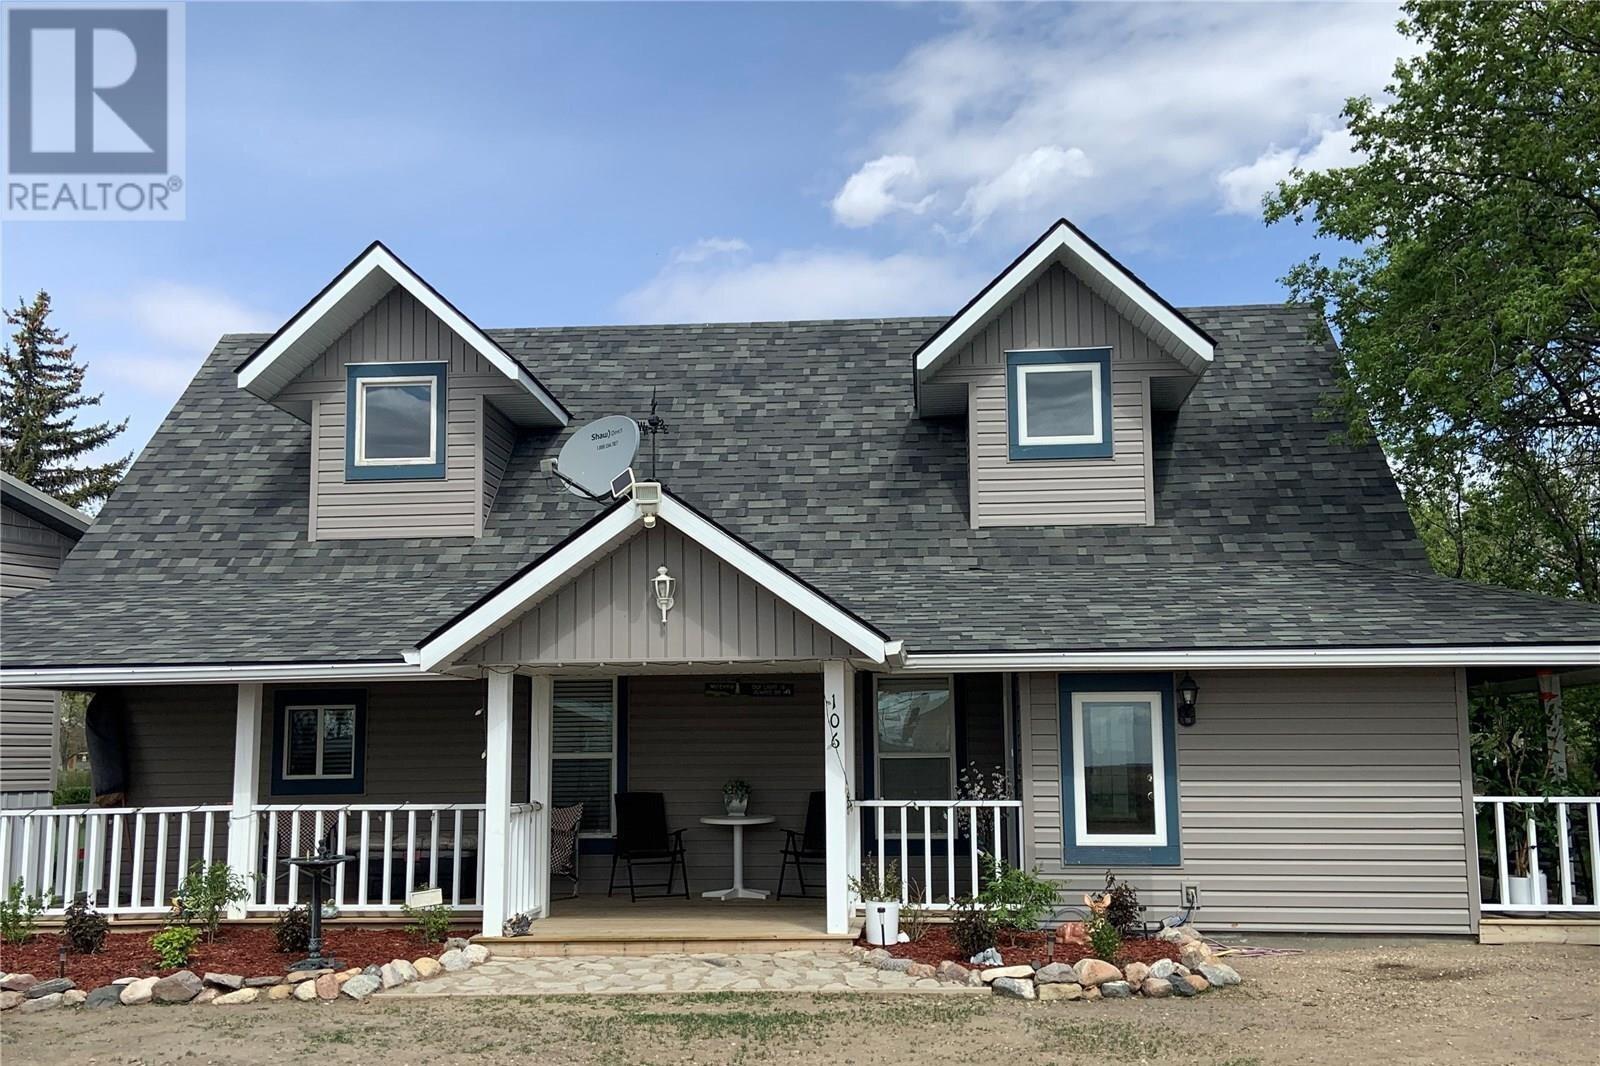 House for sale at 106 Resort Dr Last Mountain Lake West Side Saskatchewan - MLS: SK833641